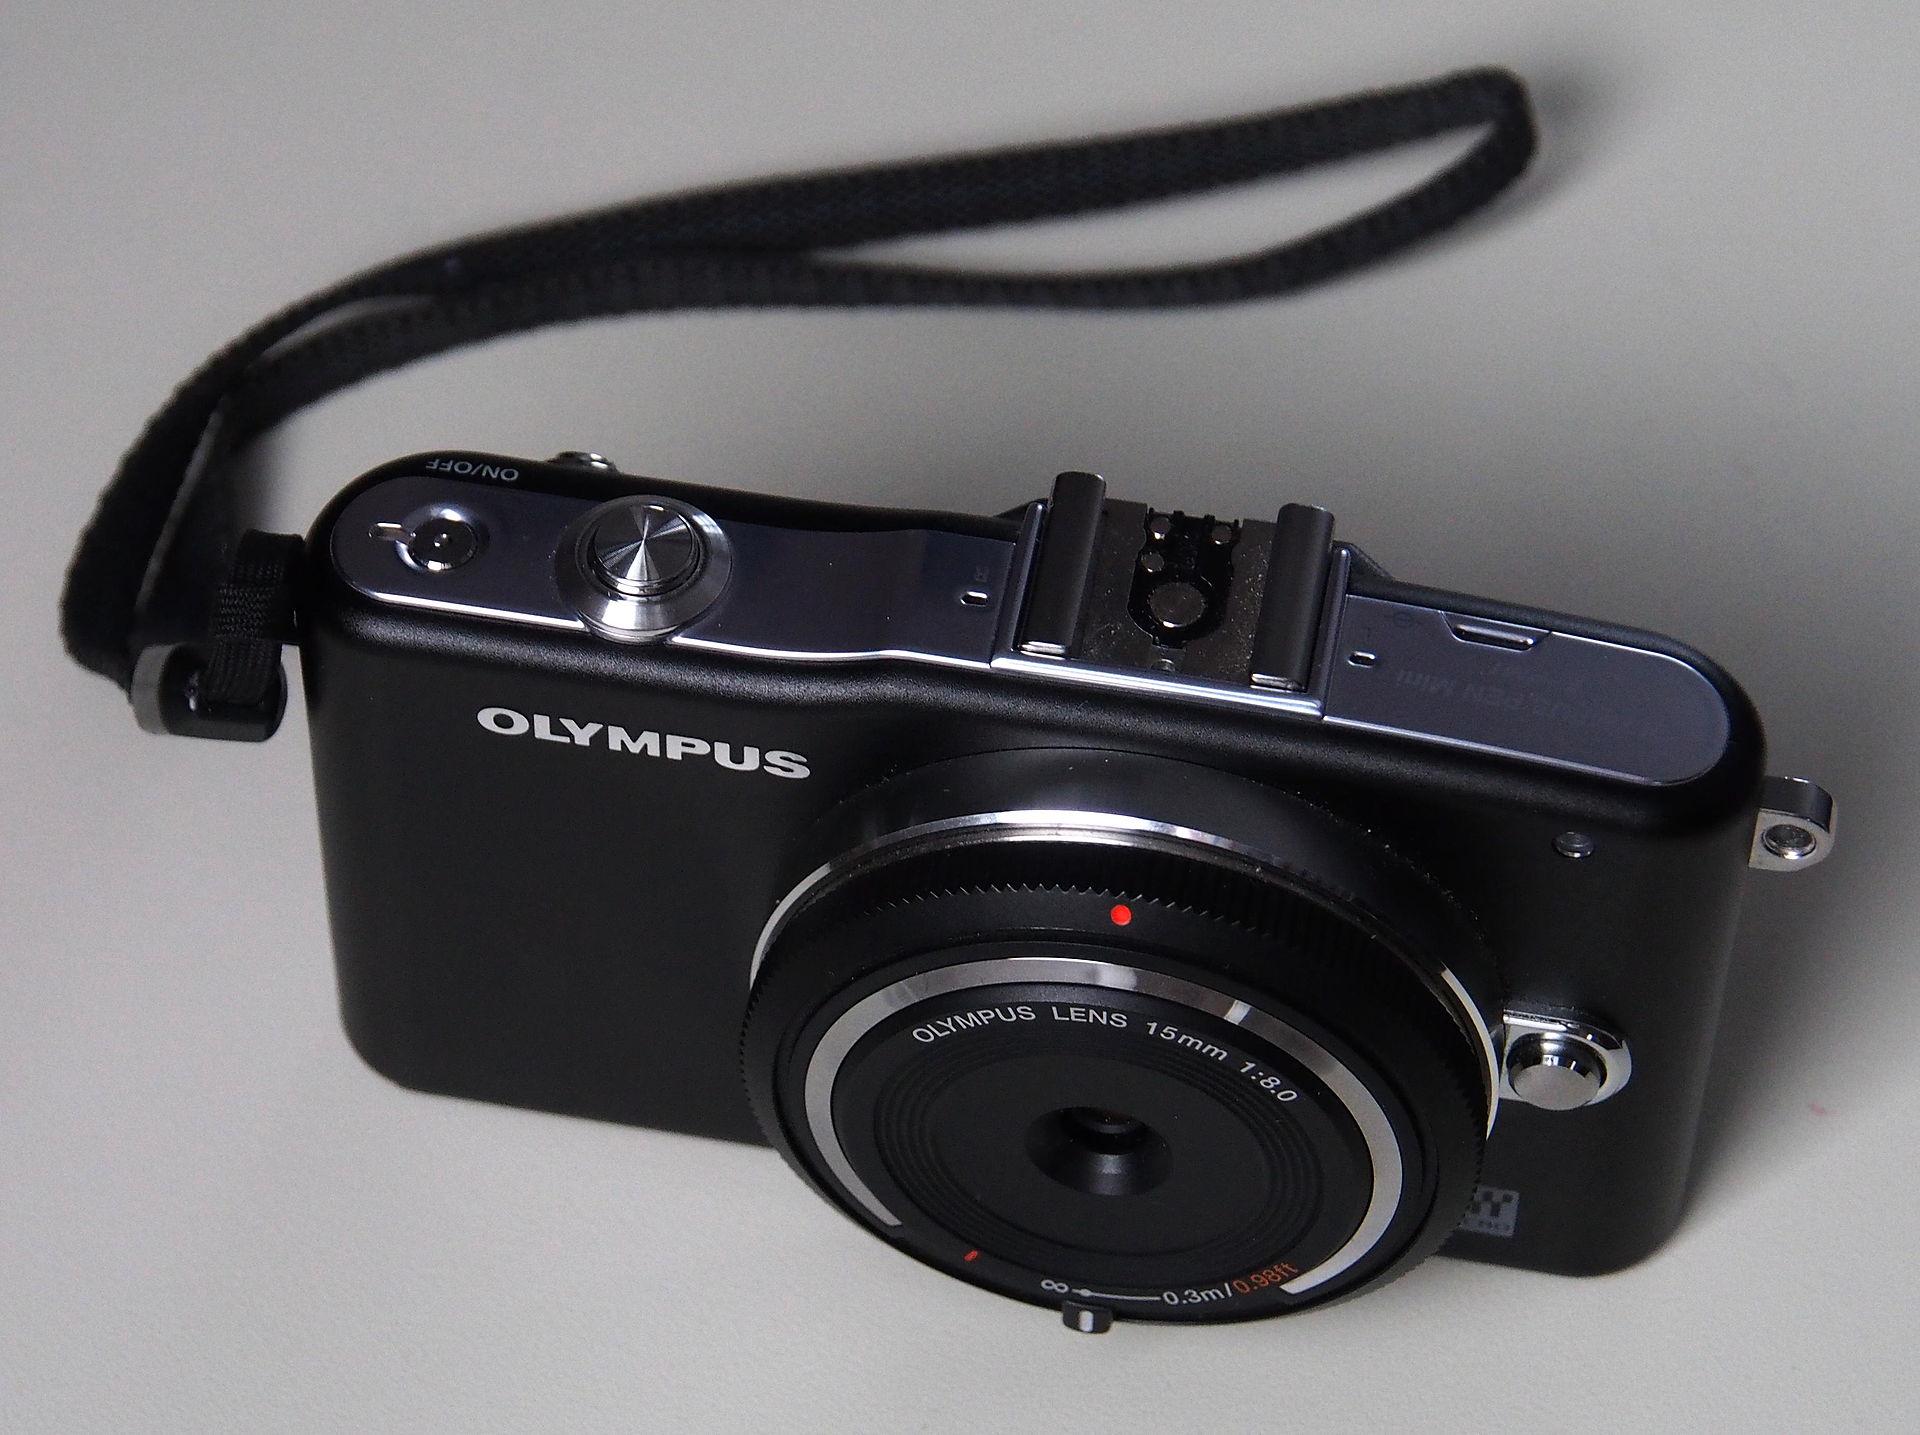 Olympus Pen E Pm1 Wikipedia